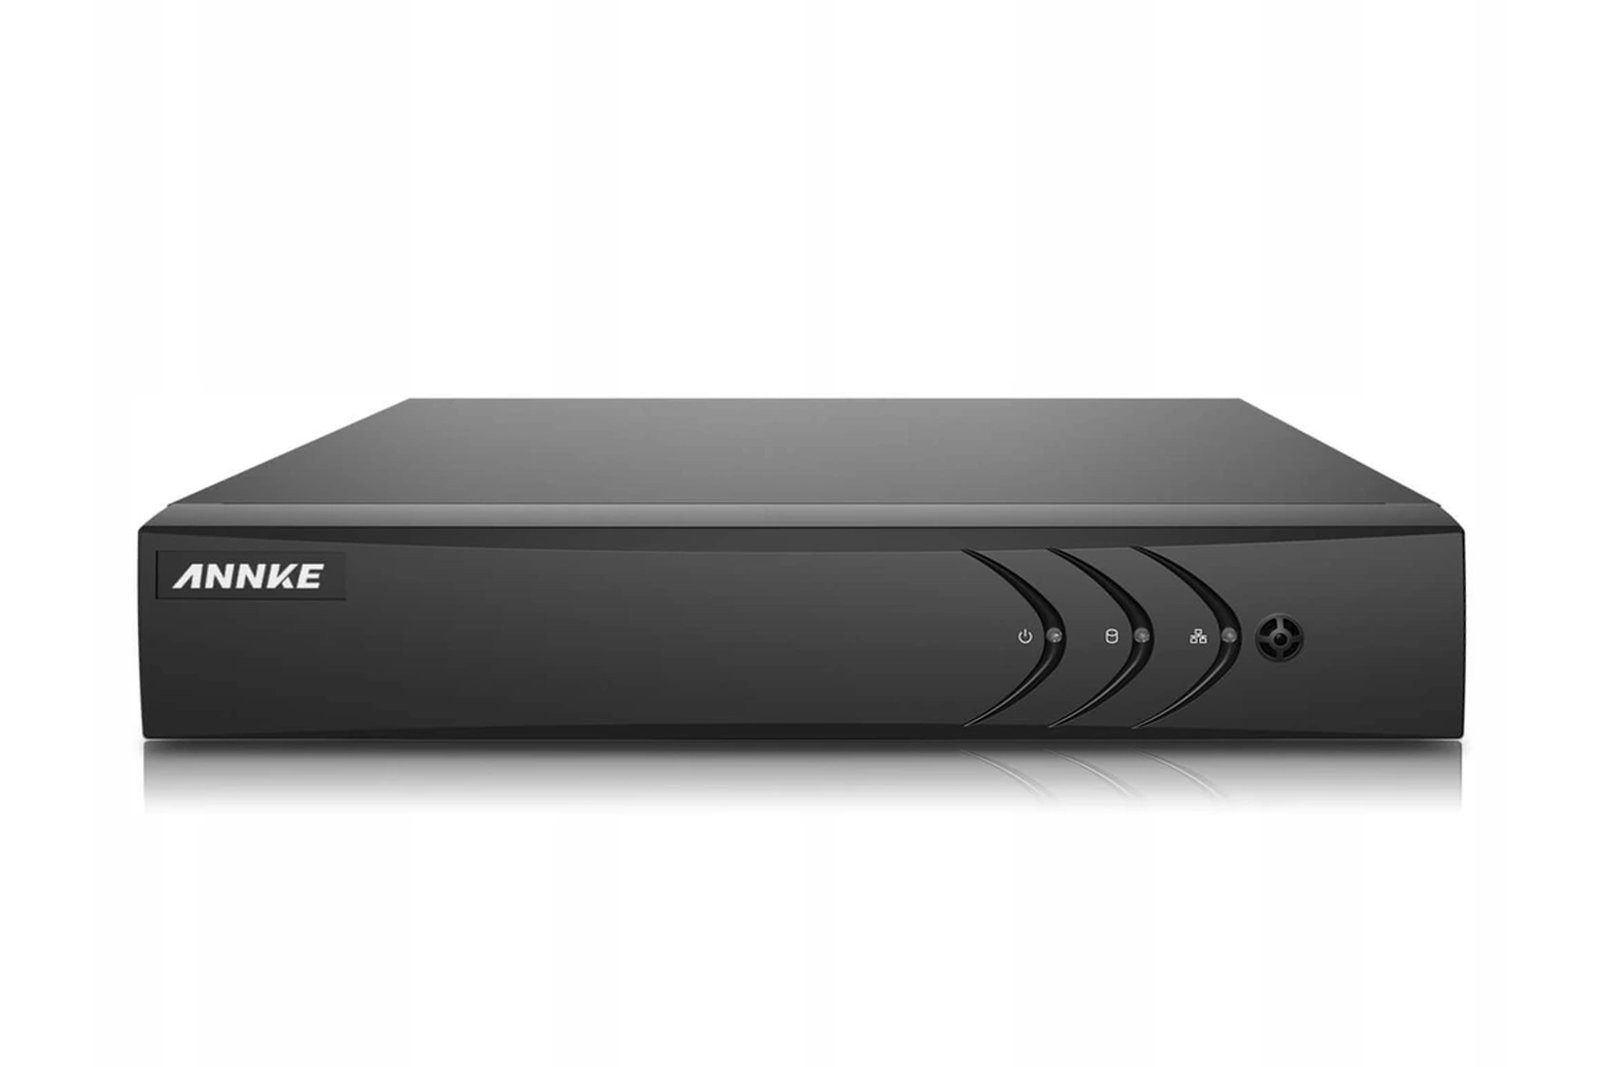 Annke DN41R 1TB 4CH HD-BNC Analog DVR Recorder